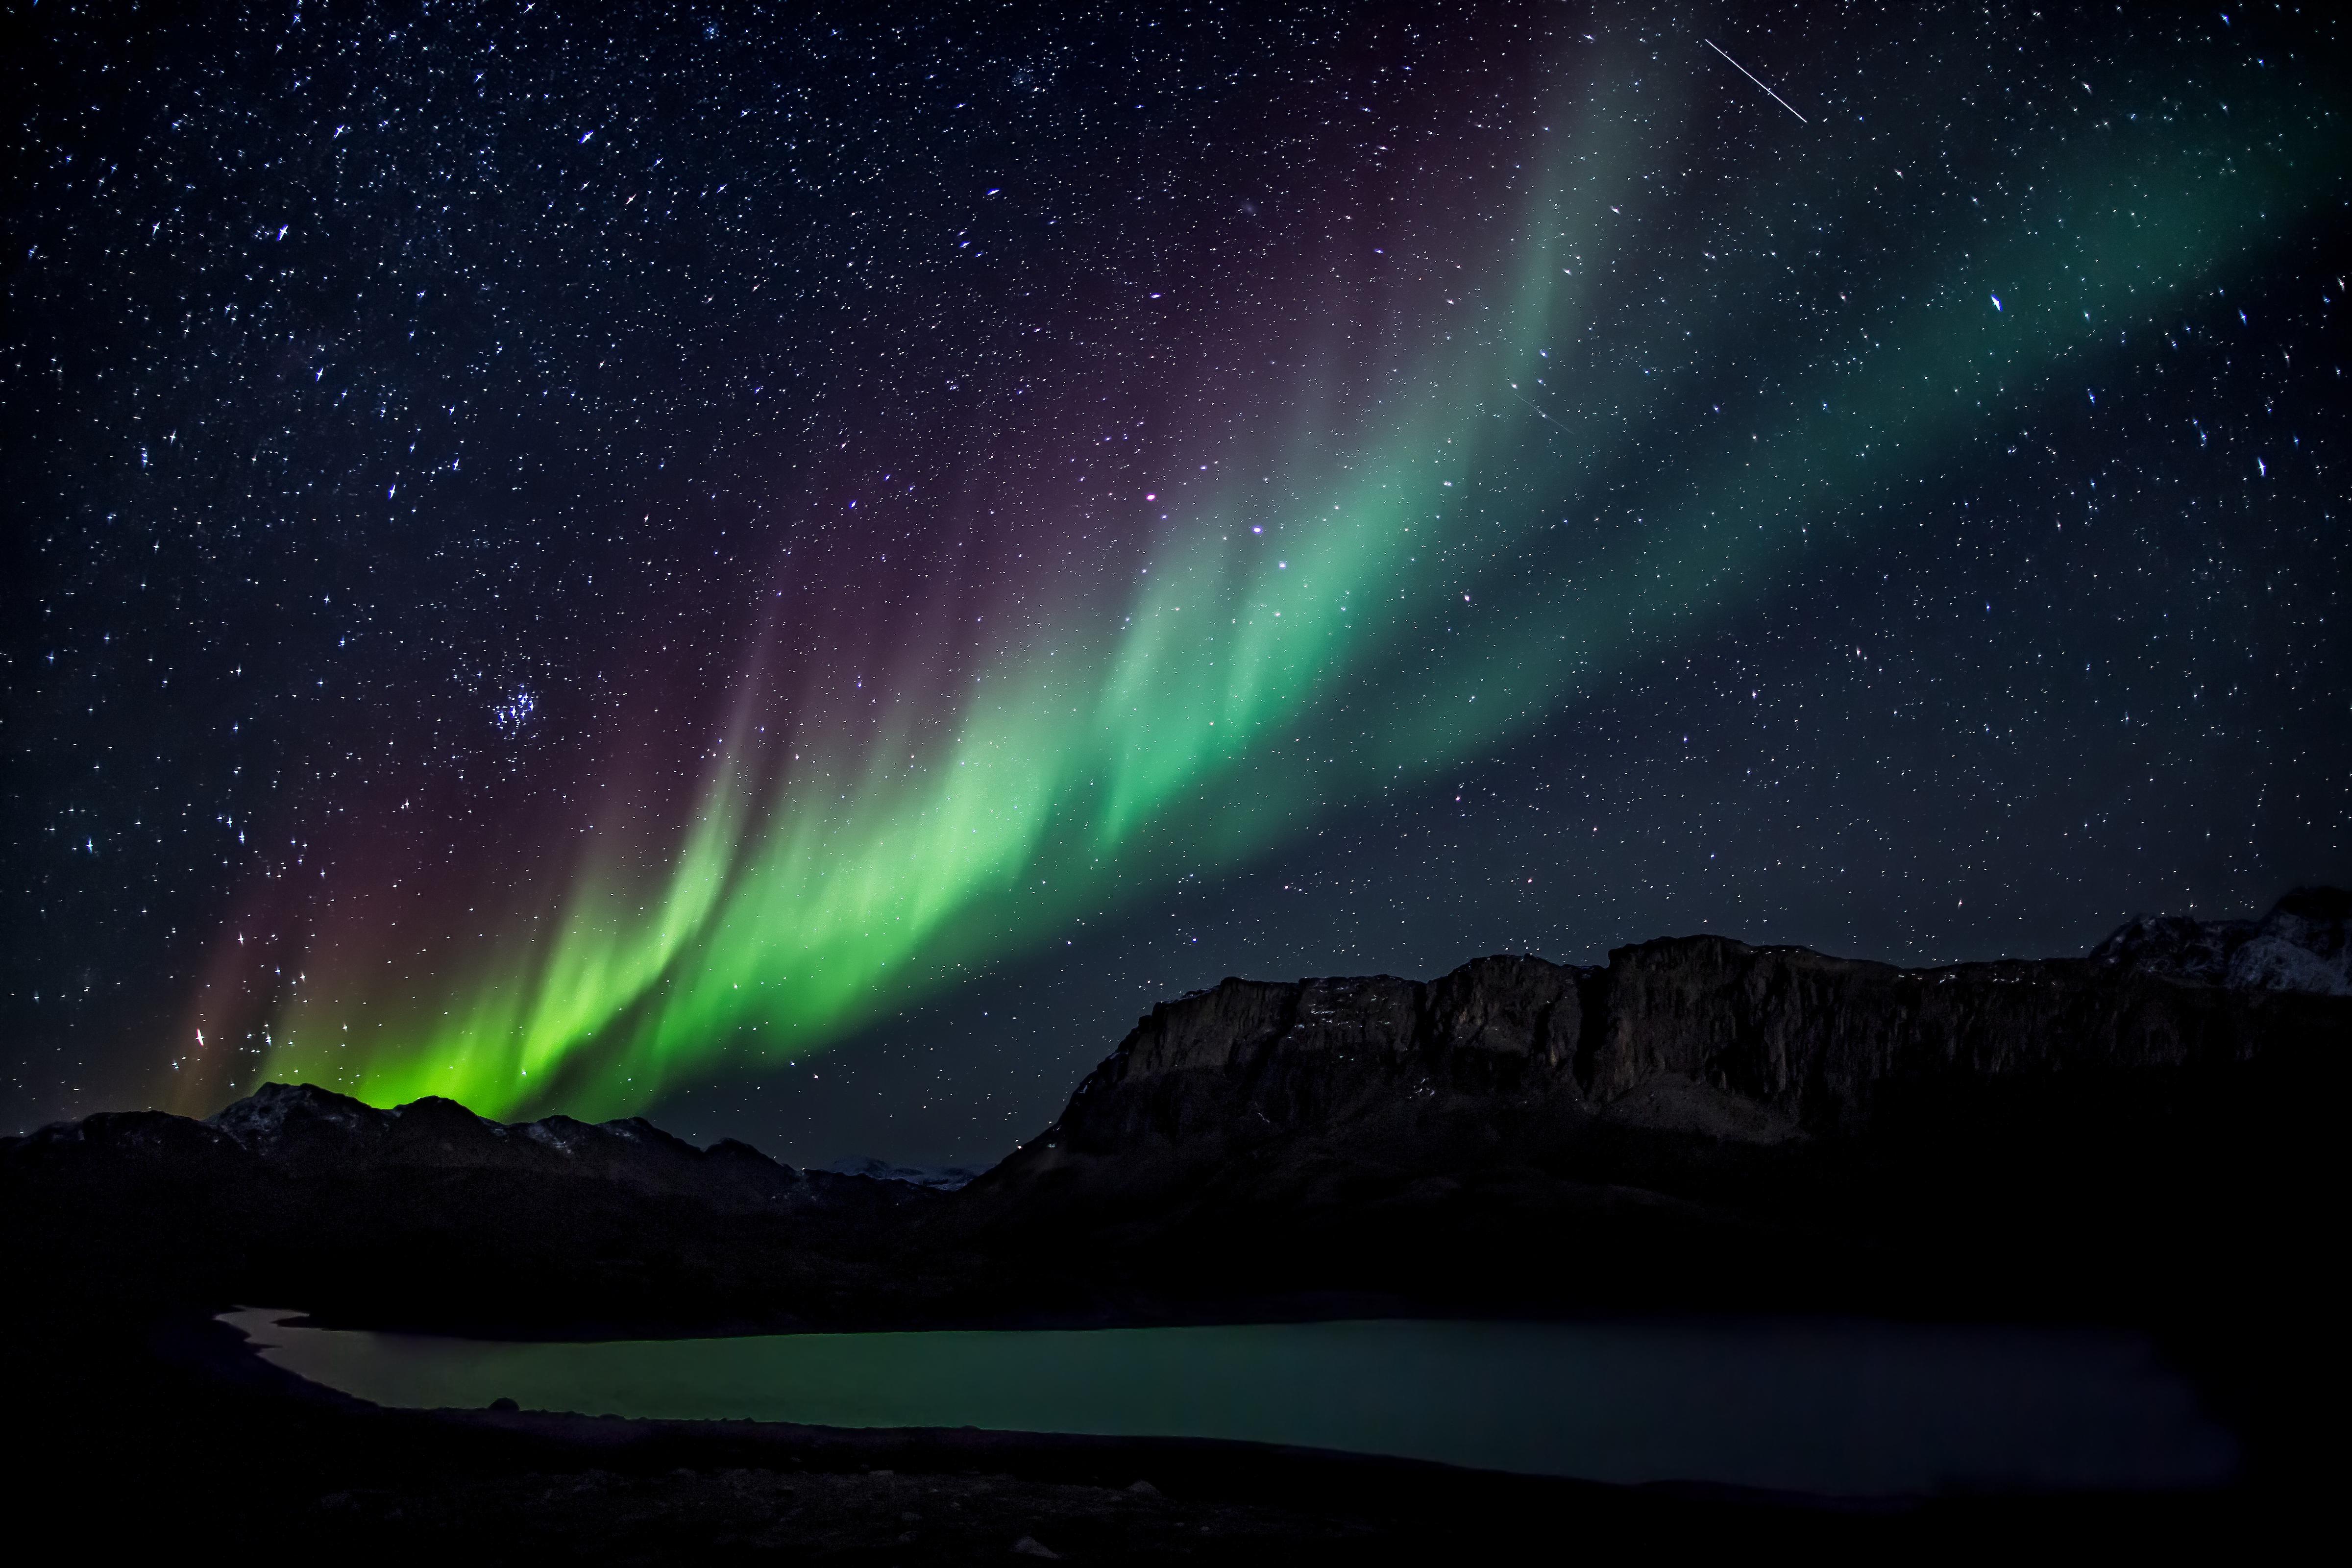 Aurora boreale 4k ultra hd wallpaper sfondi 4800x3200 for Sfondi aurora boreale